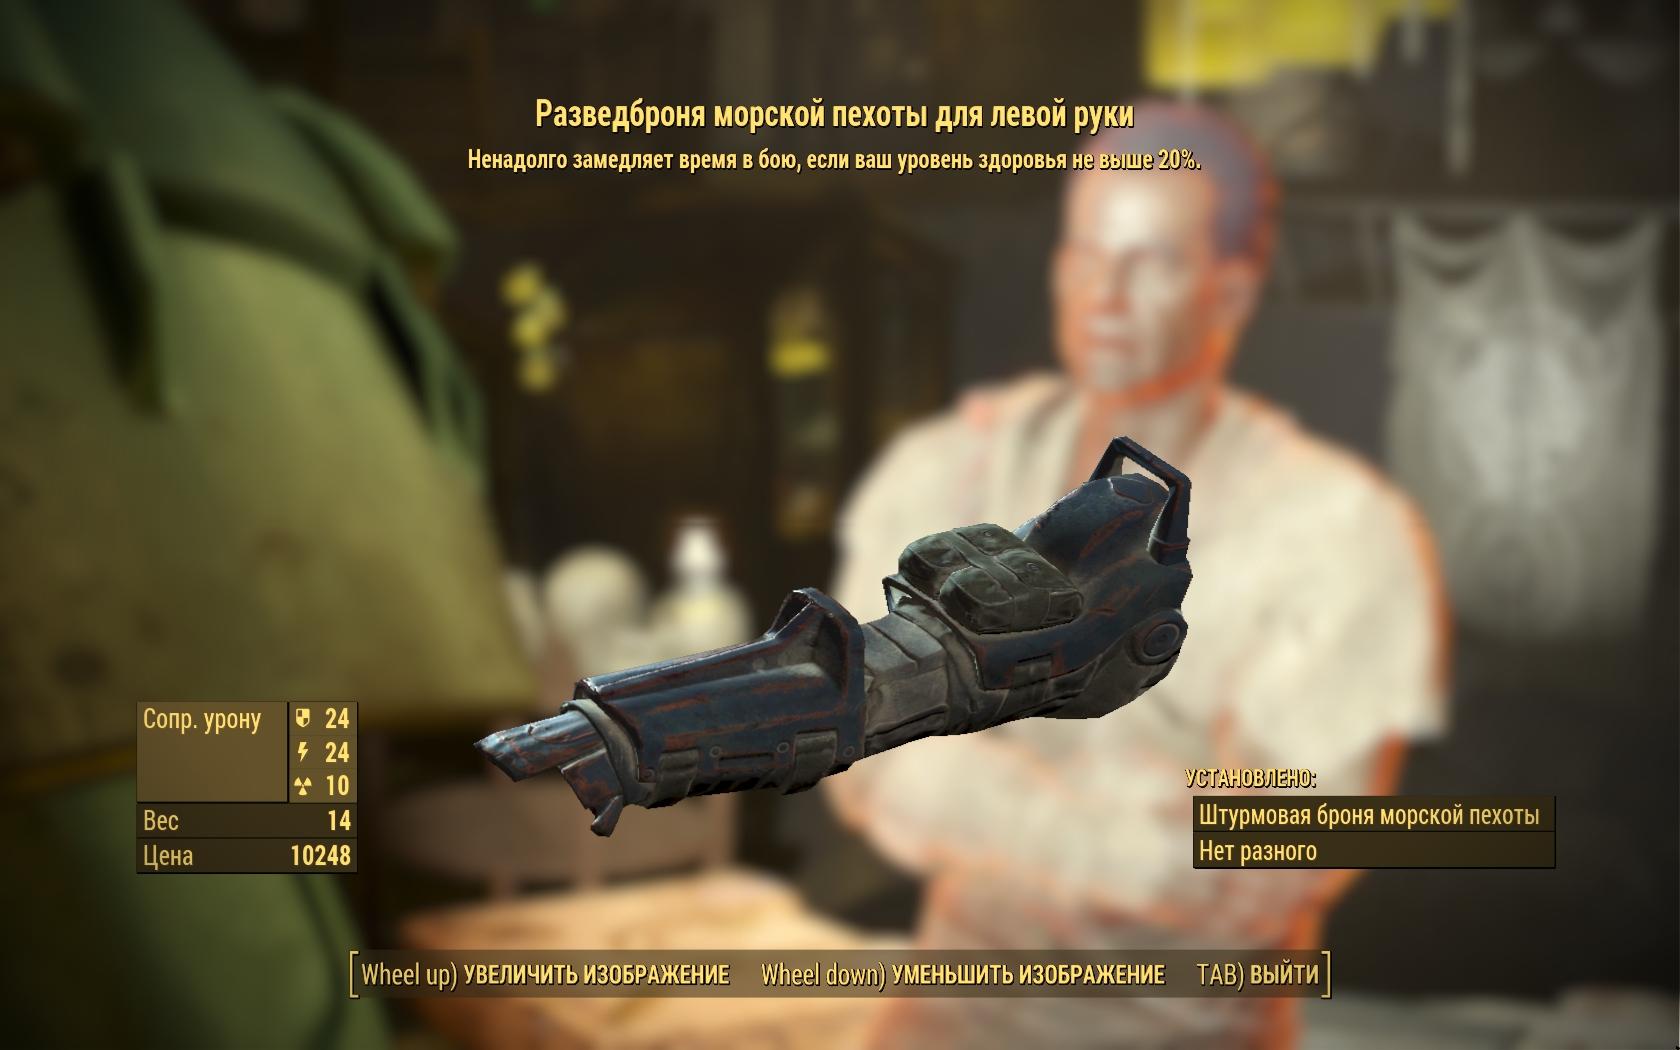 Разведброня морской пехоты для левой руки (Фар-Харбор) - Fallout 4 морская, морская пехота, Одежда, пехота, Разведброня